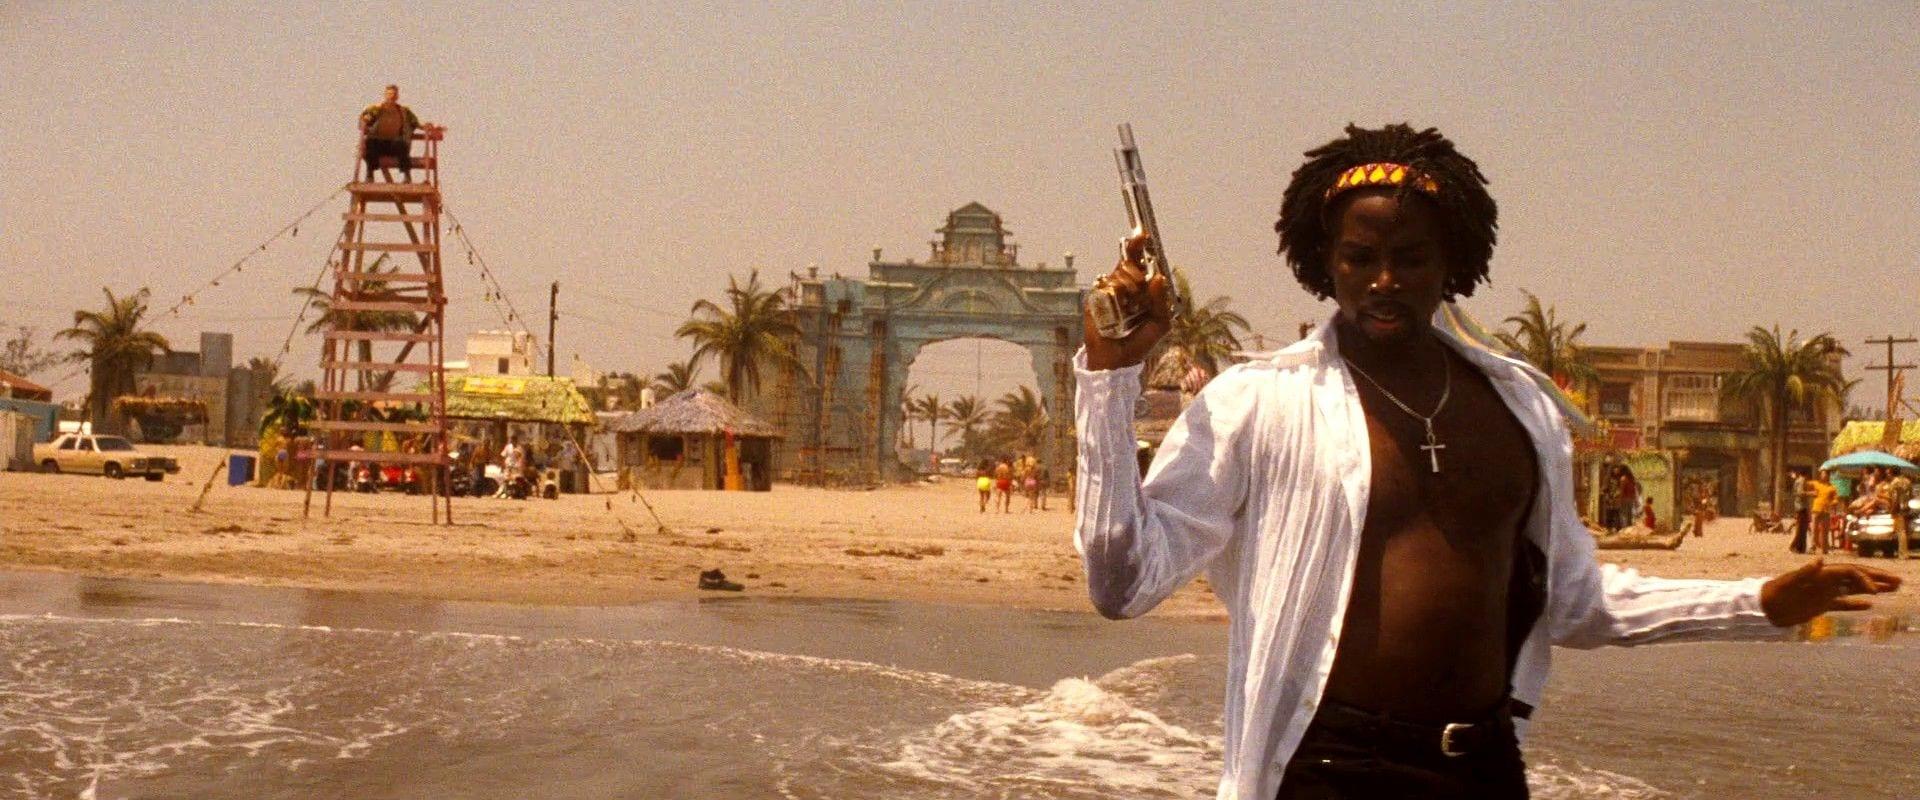 Mercutio, Romeo and Juliet 1